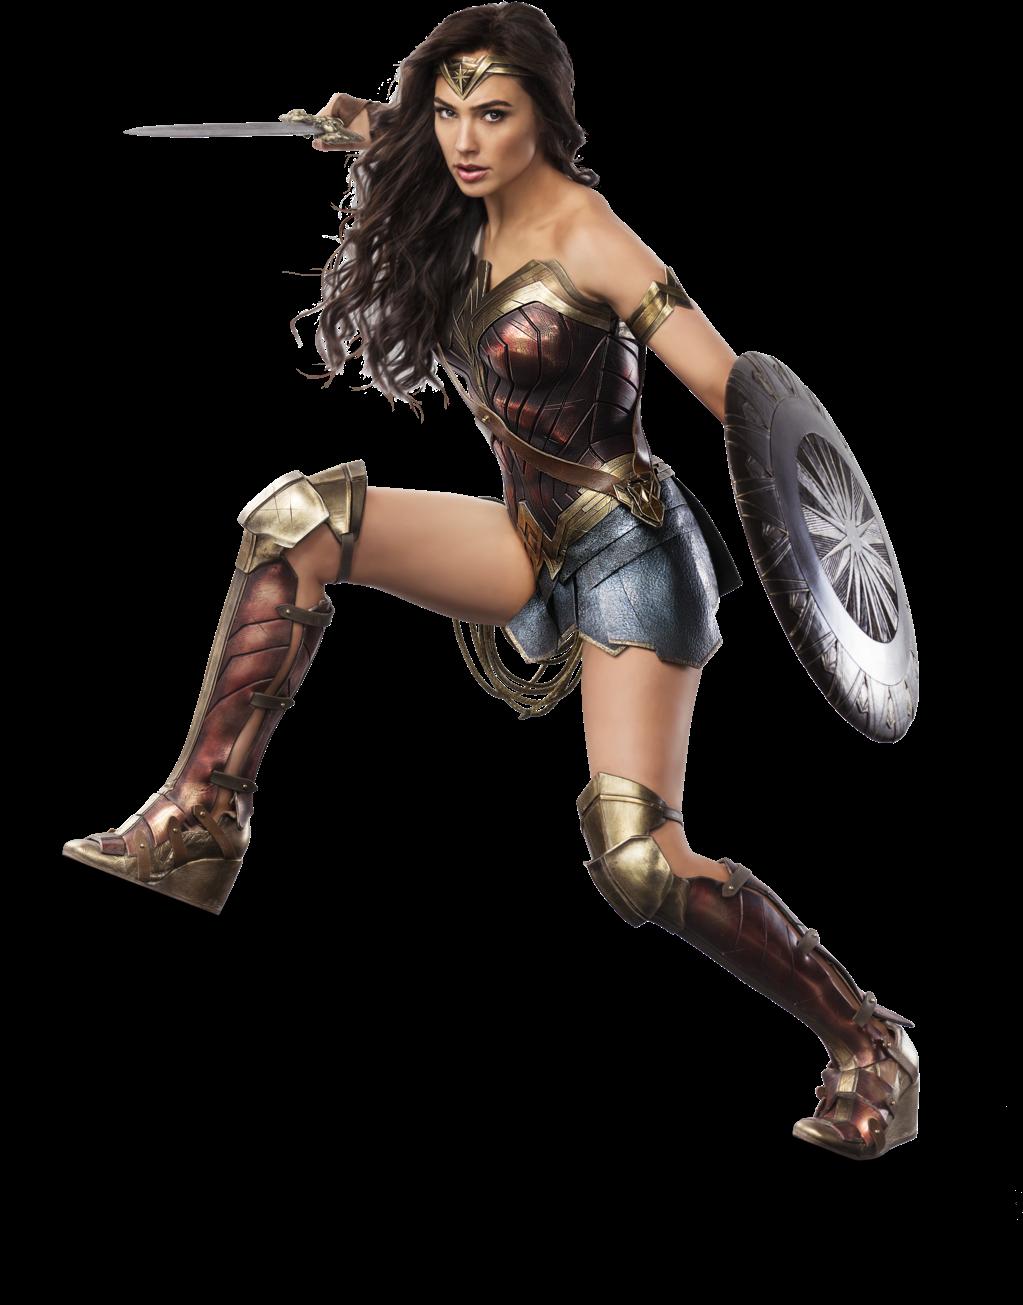 Wonderwoman Wonder Woman Gal Gadot Galgadot